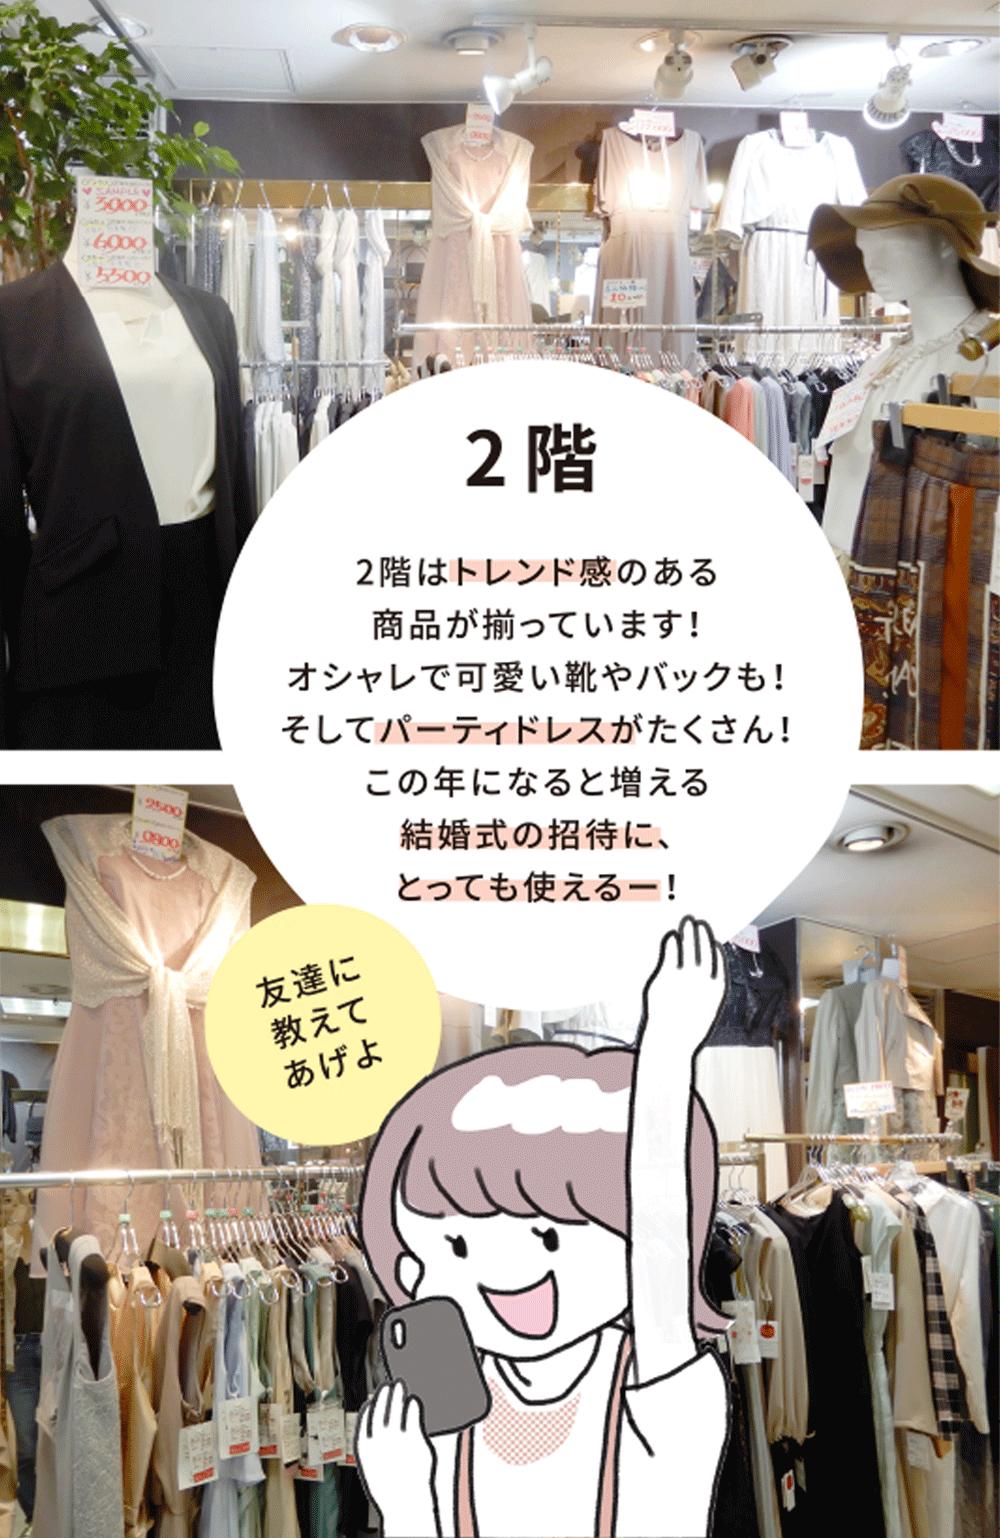 2階 2階はトレンド感のある商品が揃っています!オシャレで可愛い靴やバックも!そしてパーティドレスがたくさん!この年になると増える結婚式の招待に、とっても使えるー!